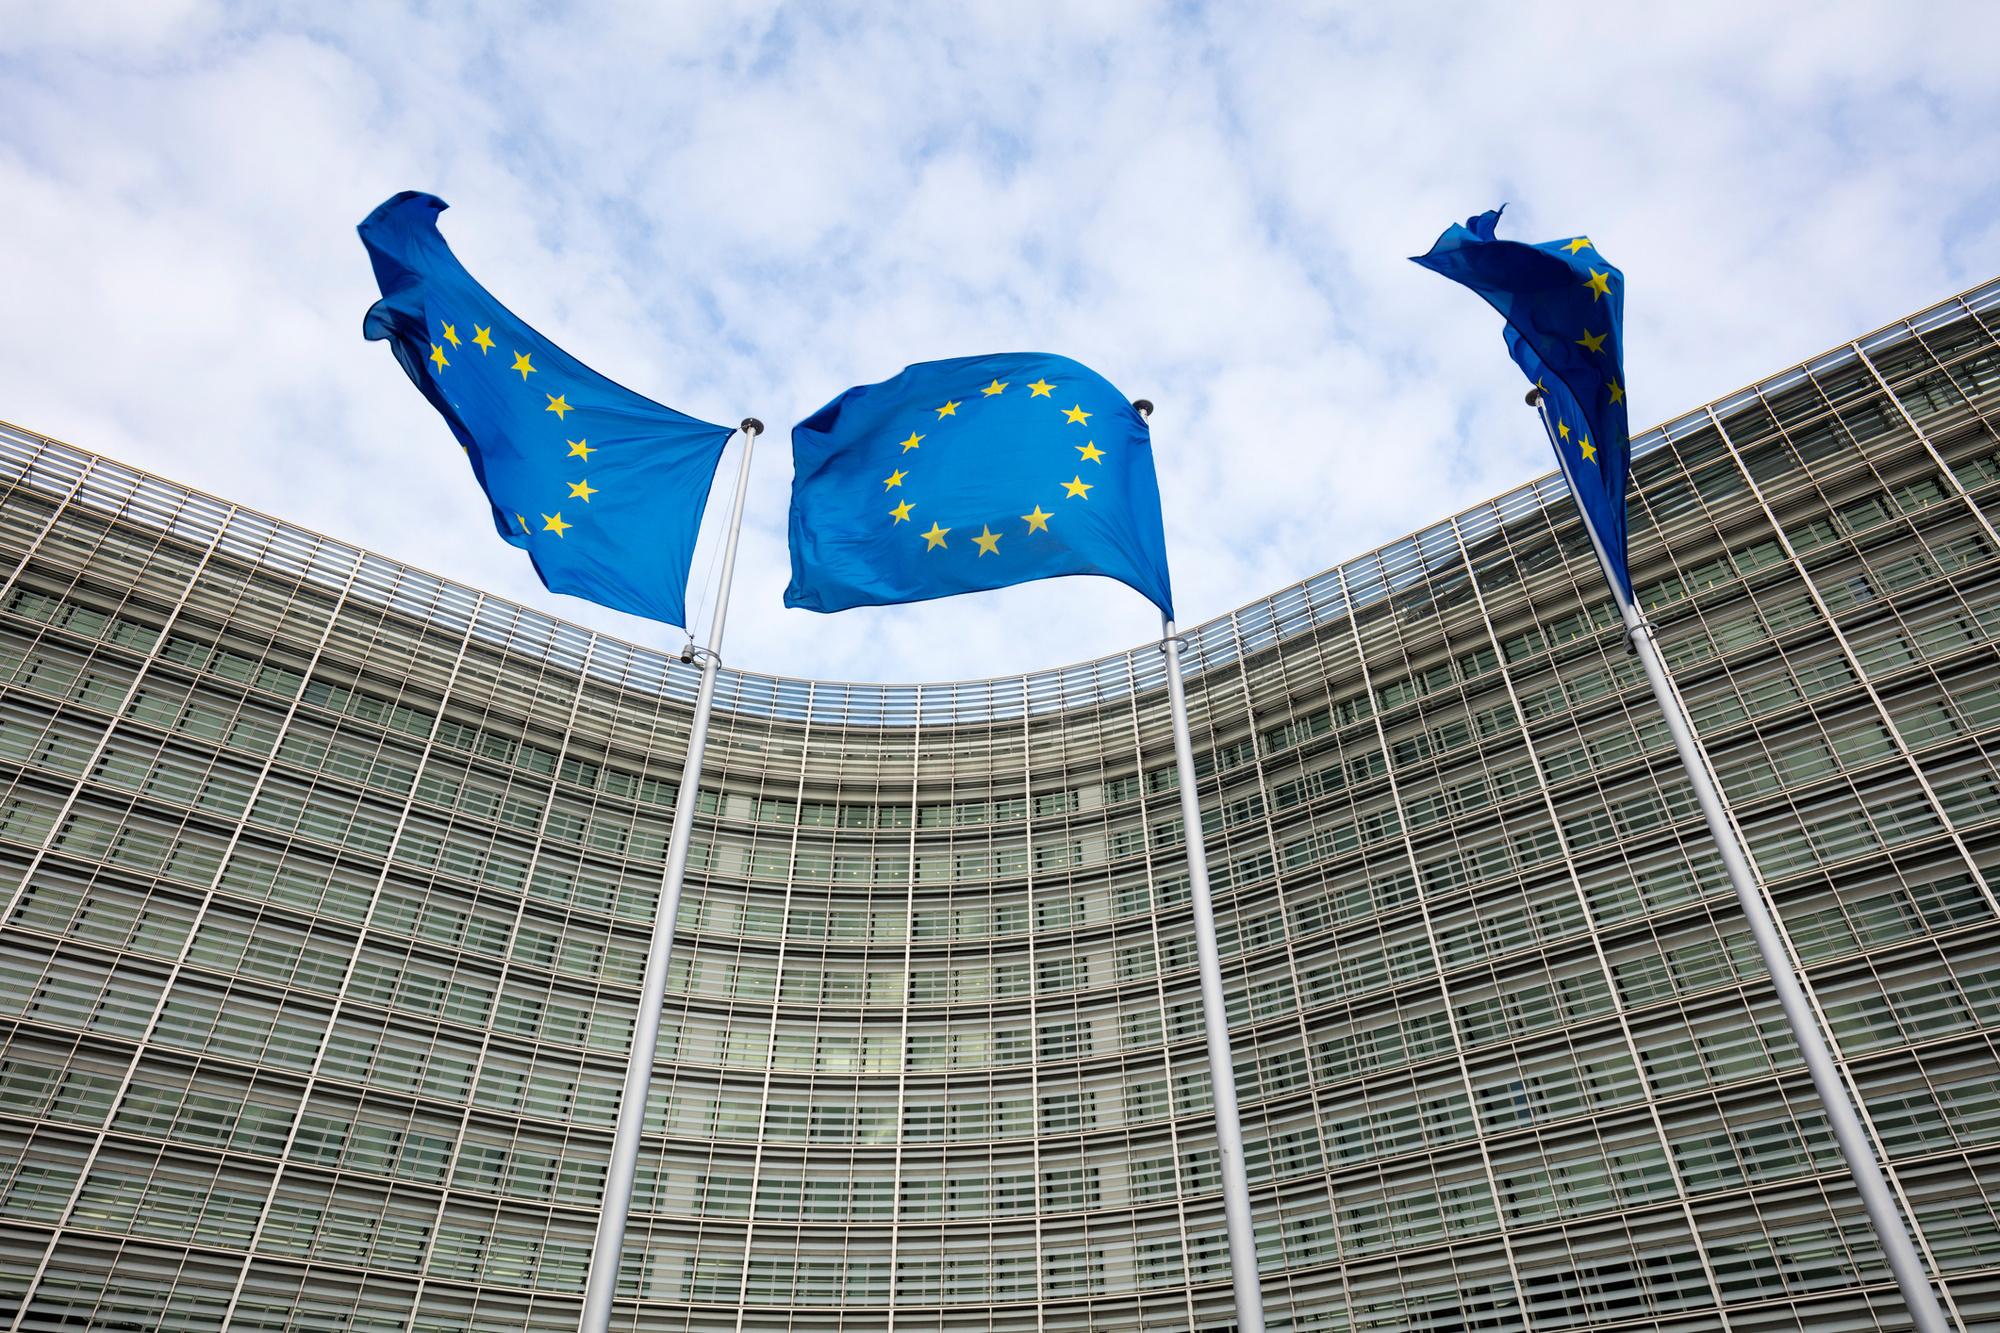 """""""Hopelijk zal het initiatief van de Europese Unie ook de Belgische burgers beschermen, zo niet zal het maskertekort zich straks als vaccintekort herhalen."""""""